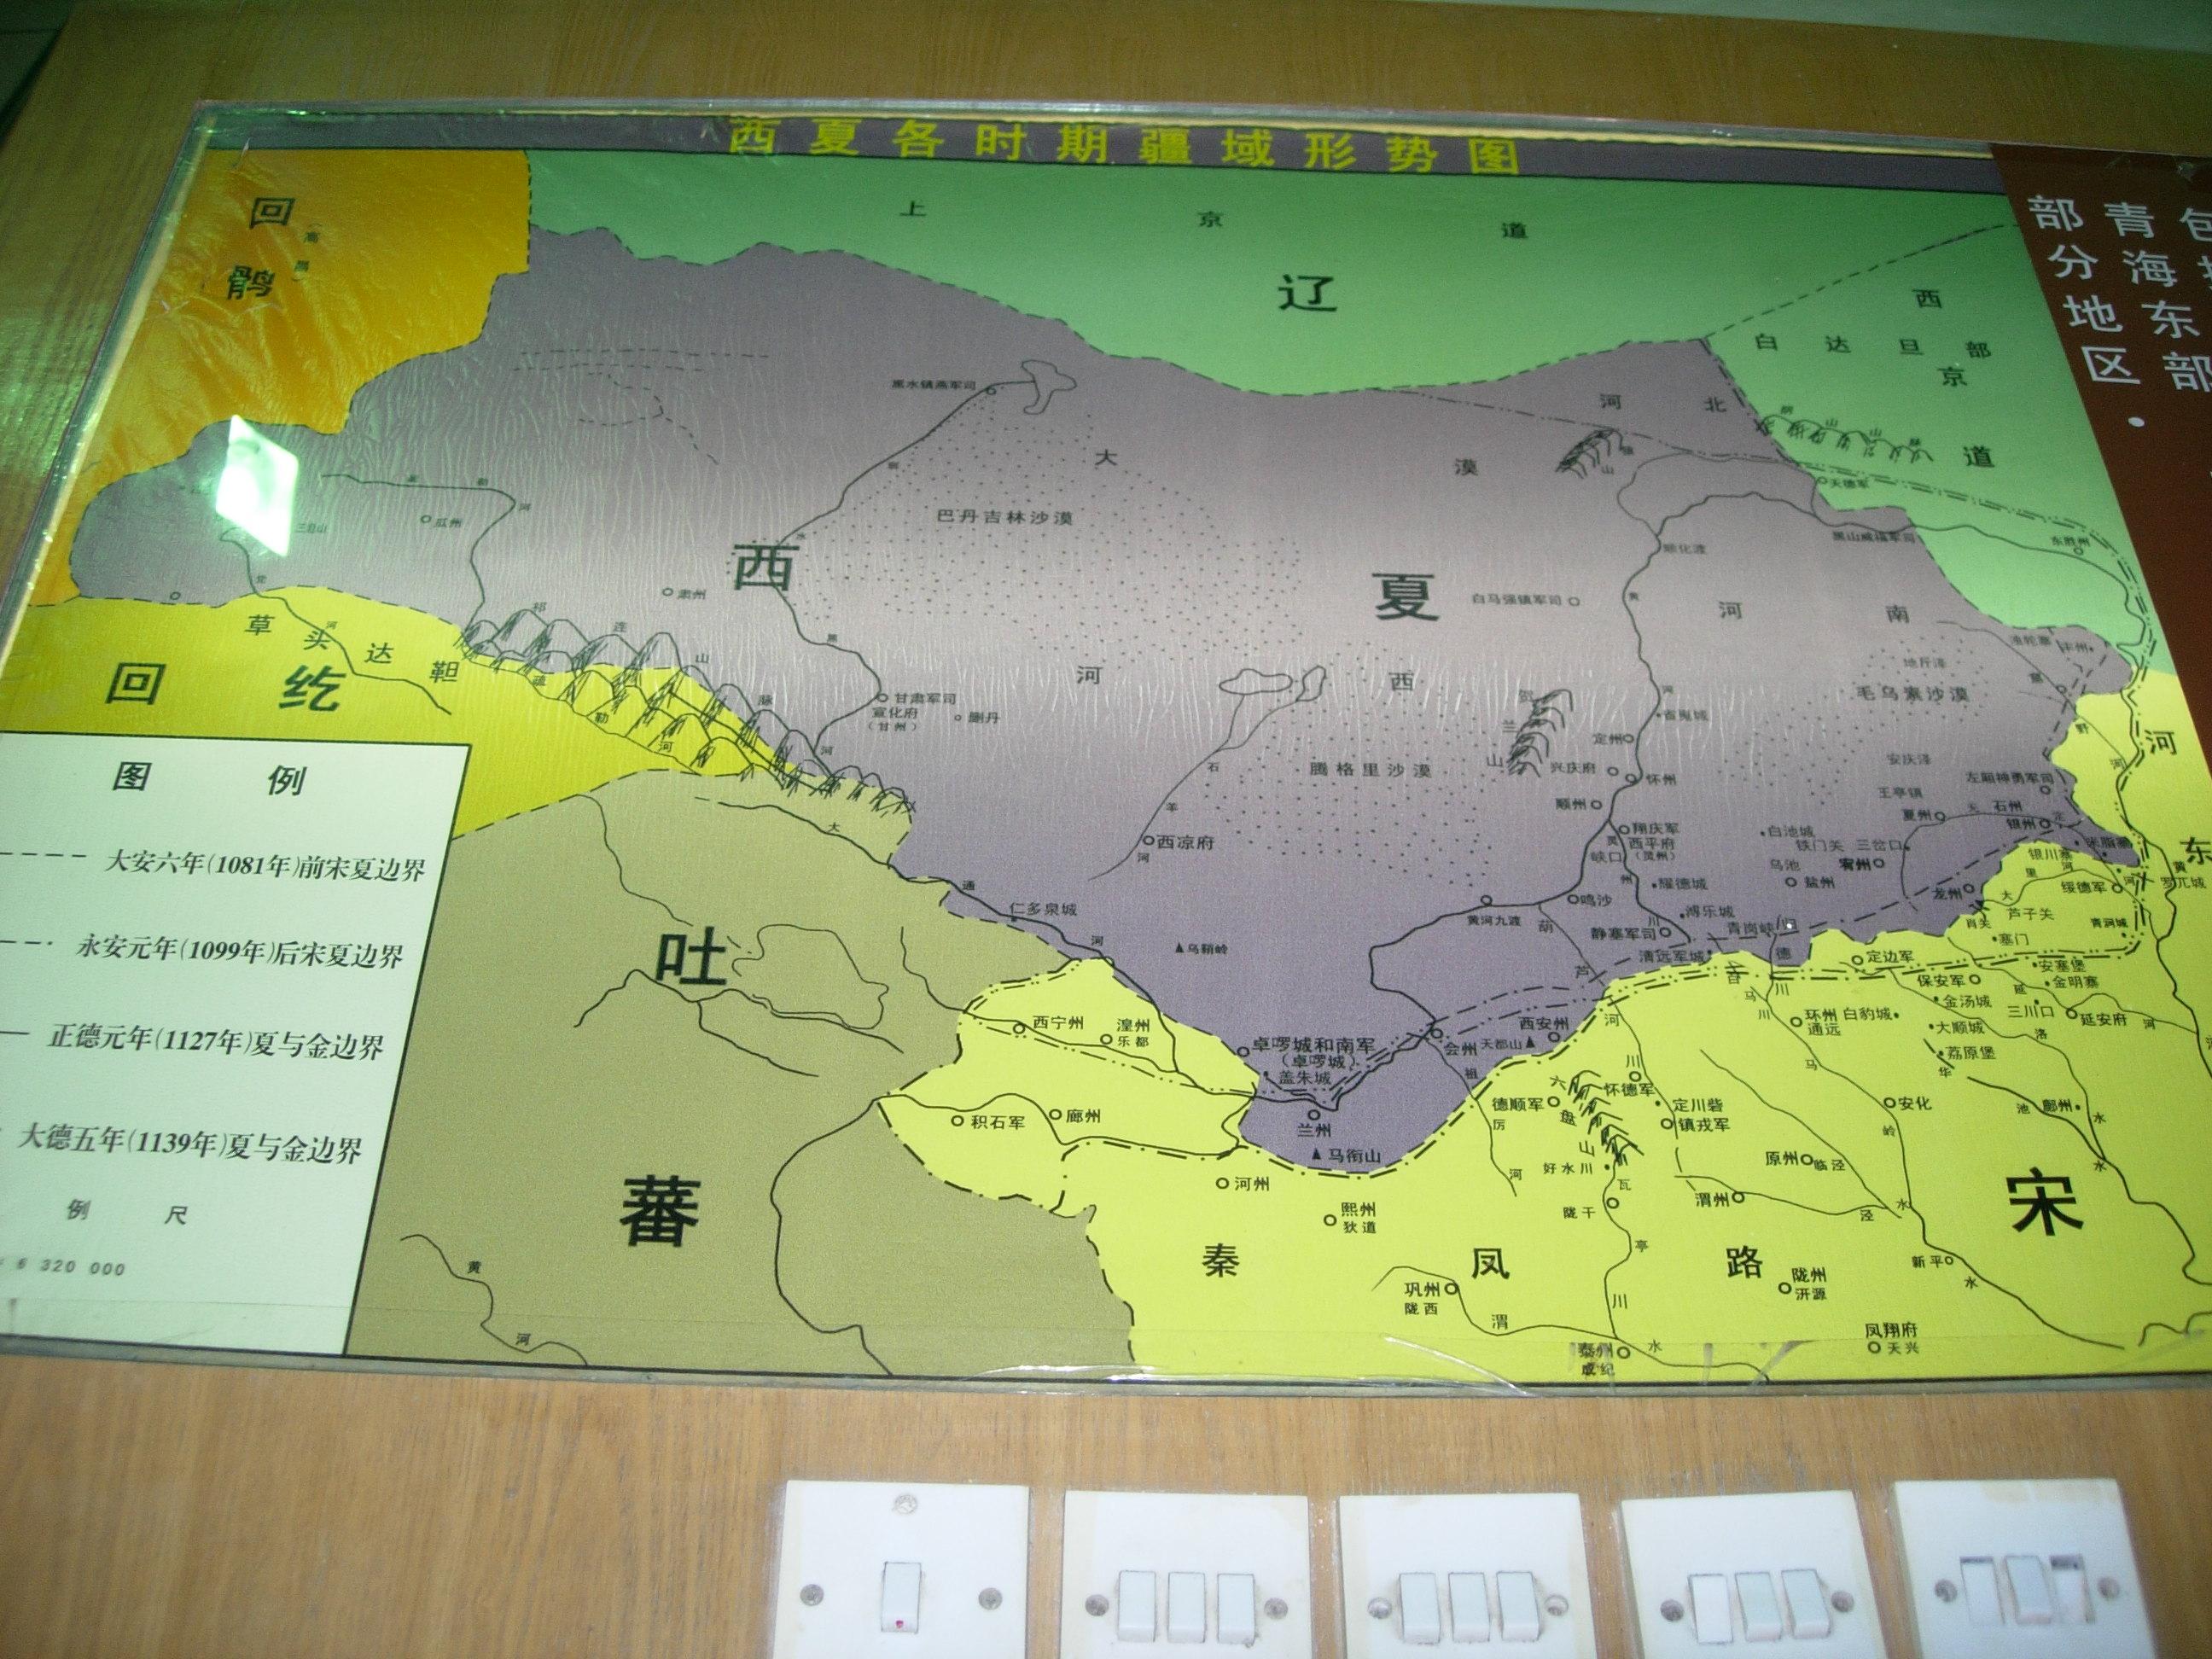 西夏王朝_西夏王朝的统治区域